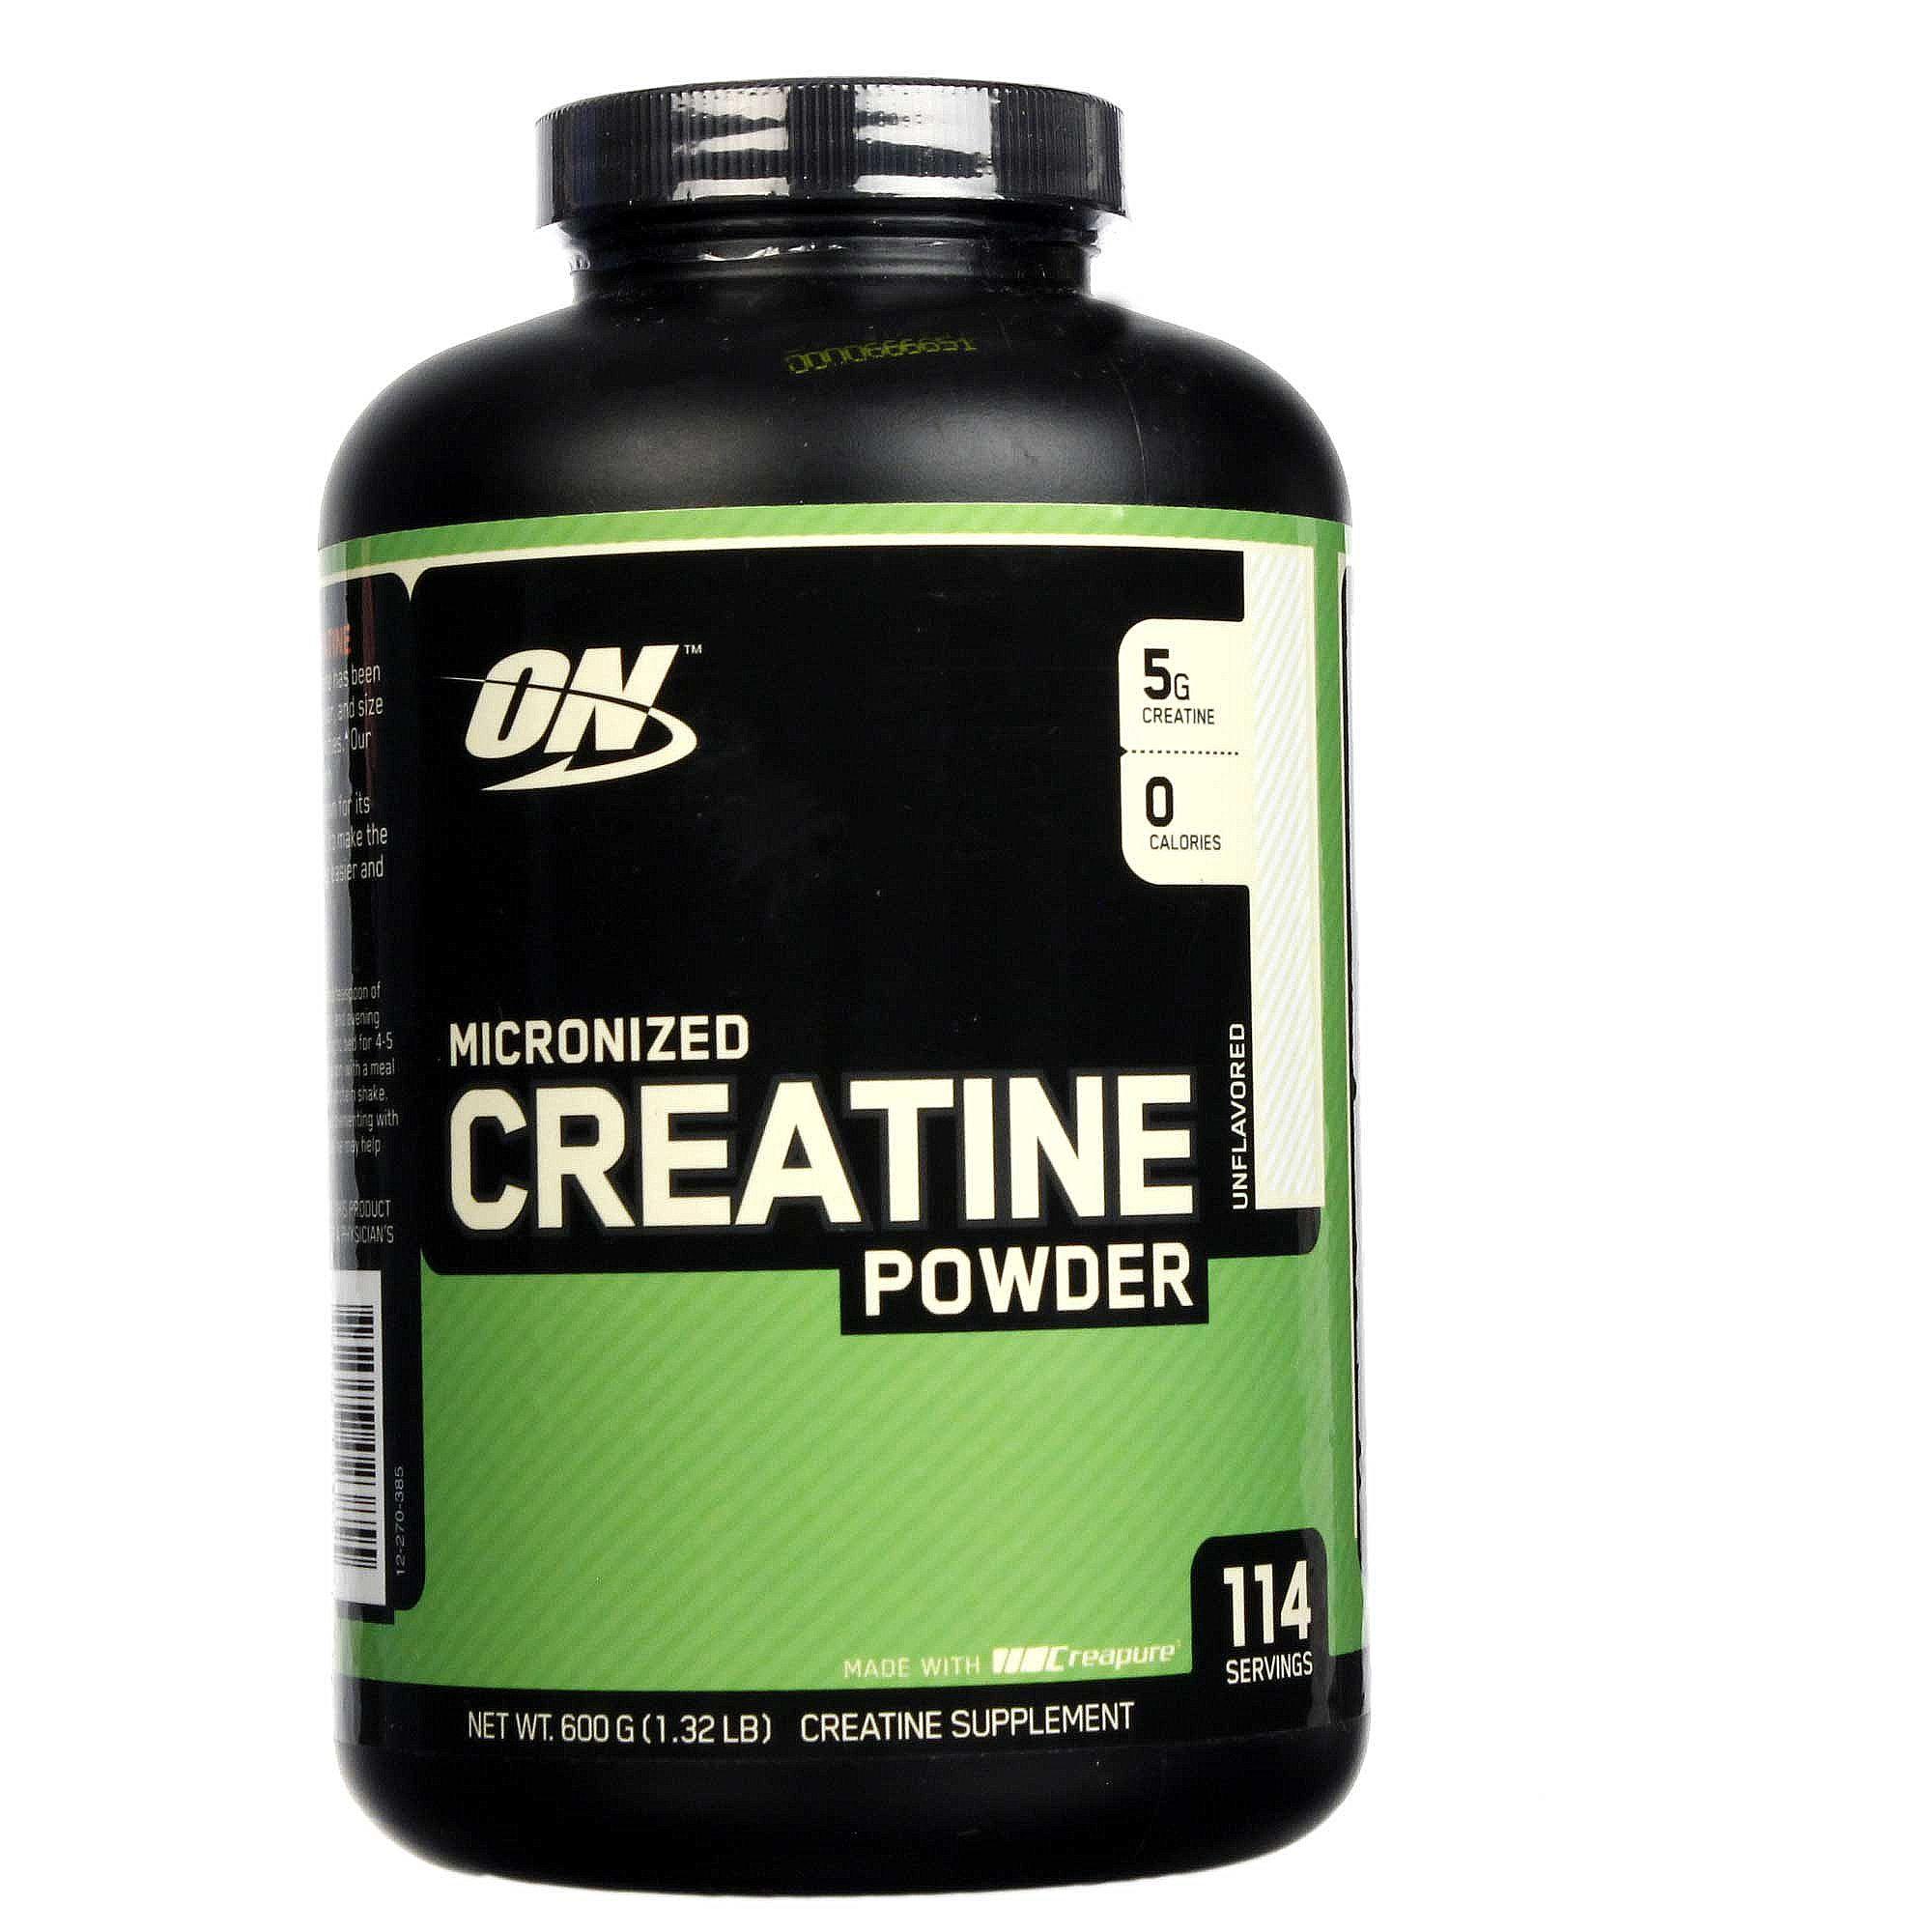 1c3a6857b Creatina em Pó (micronizada) Optimum Nutrition 600 gr - Menor Preço ...